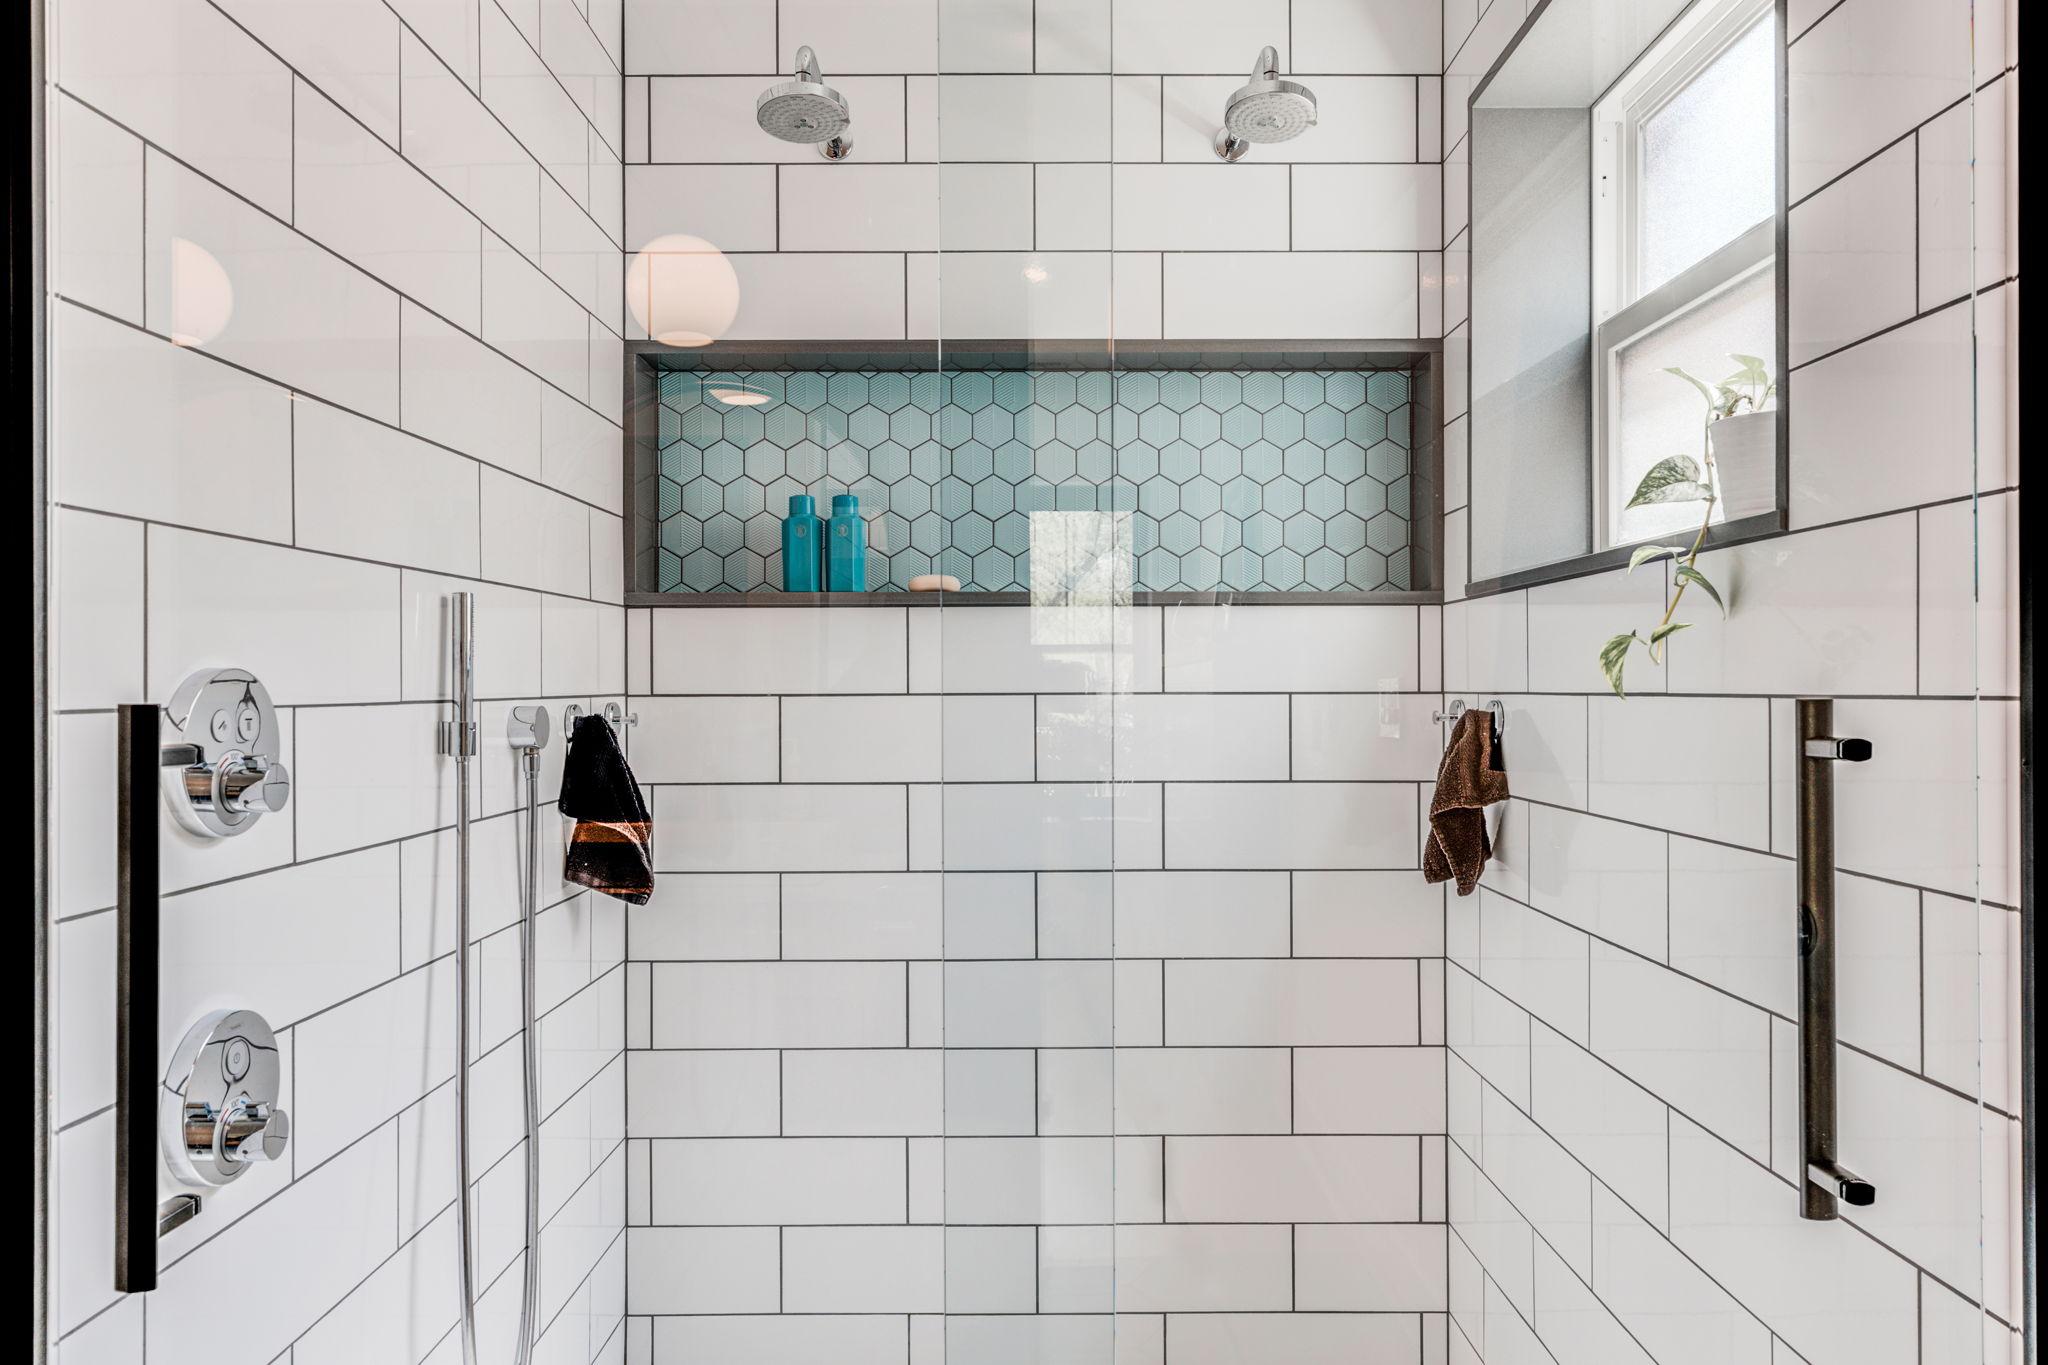 Main Bath - Shower